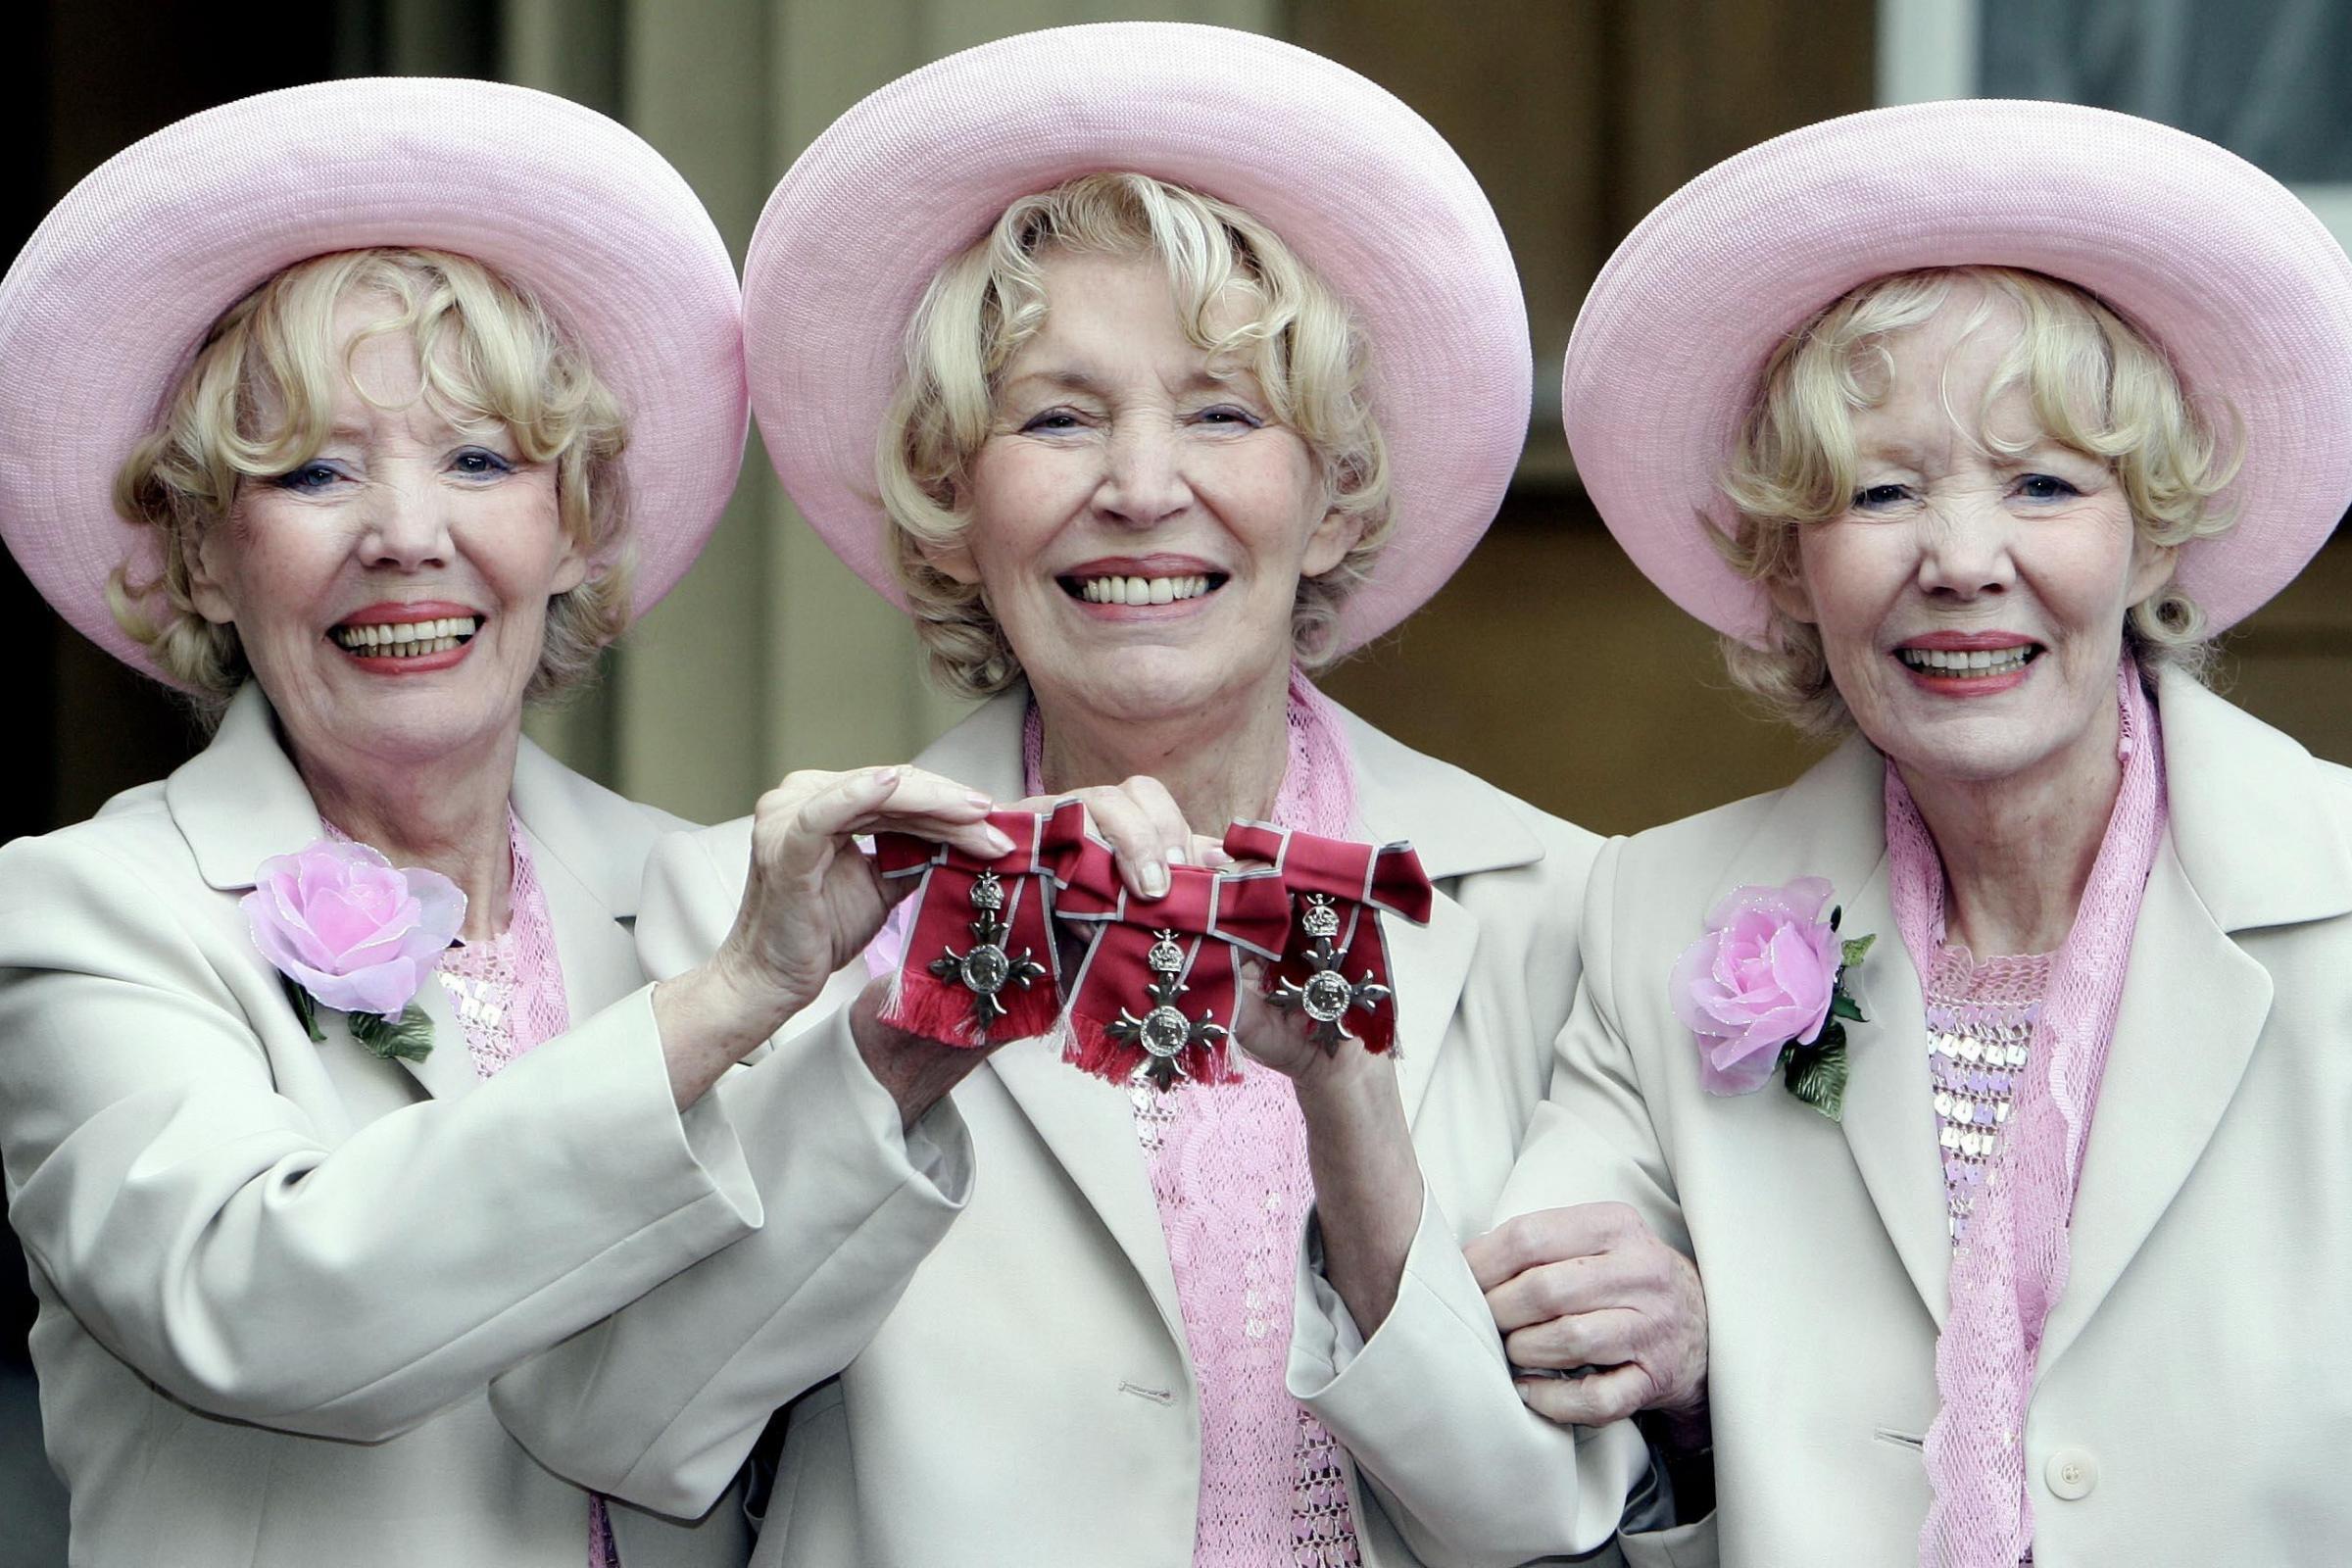 Babs Beverley of the Beverley Sisters dies aged 91